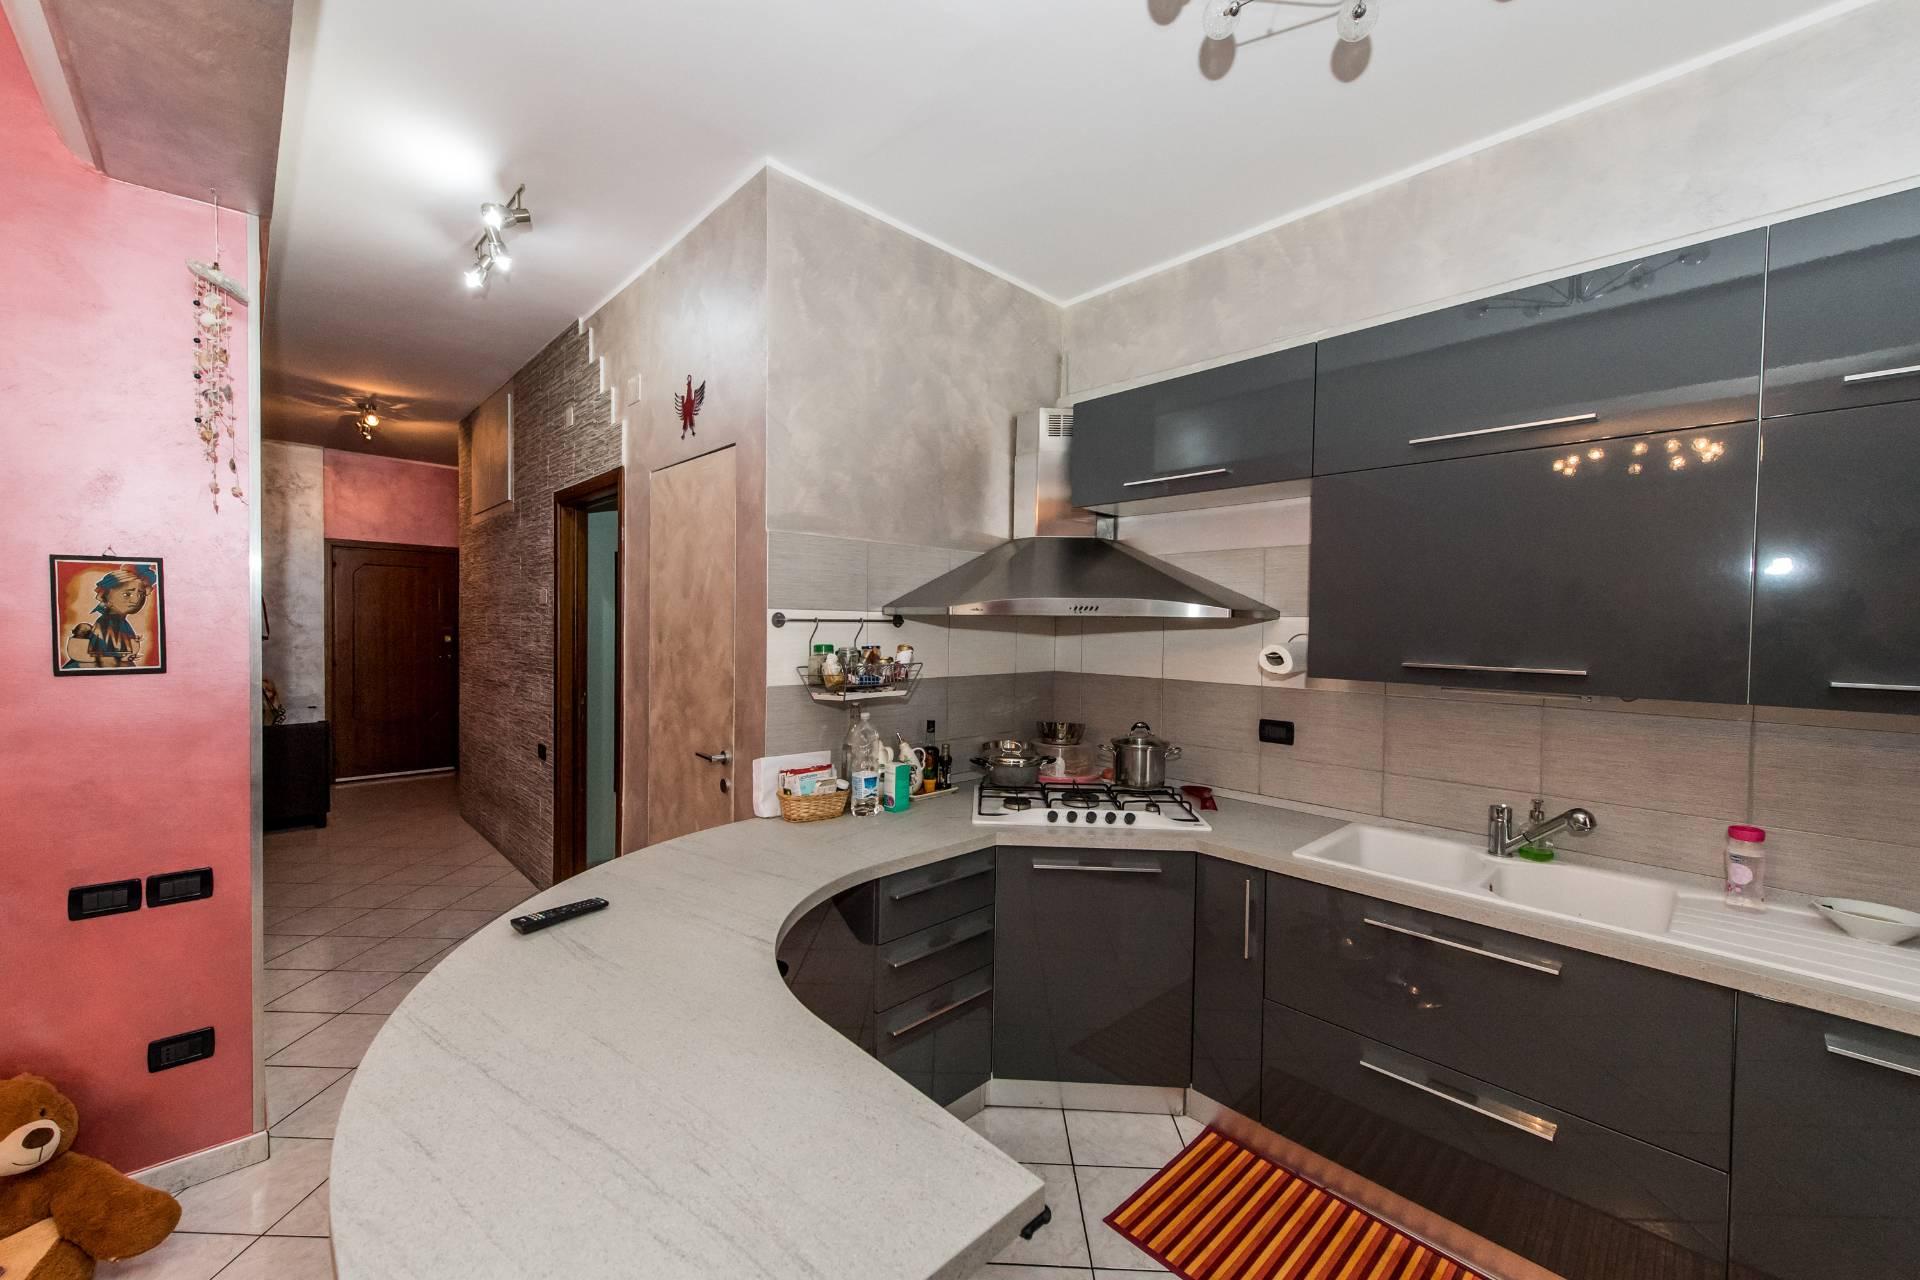 Appartamento in vendita a Cepagatti, 5 locali, prezzo € 125.000 | CambioCasa.it